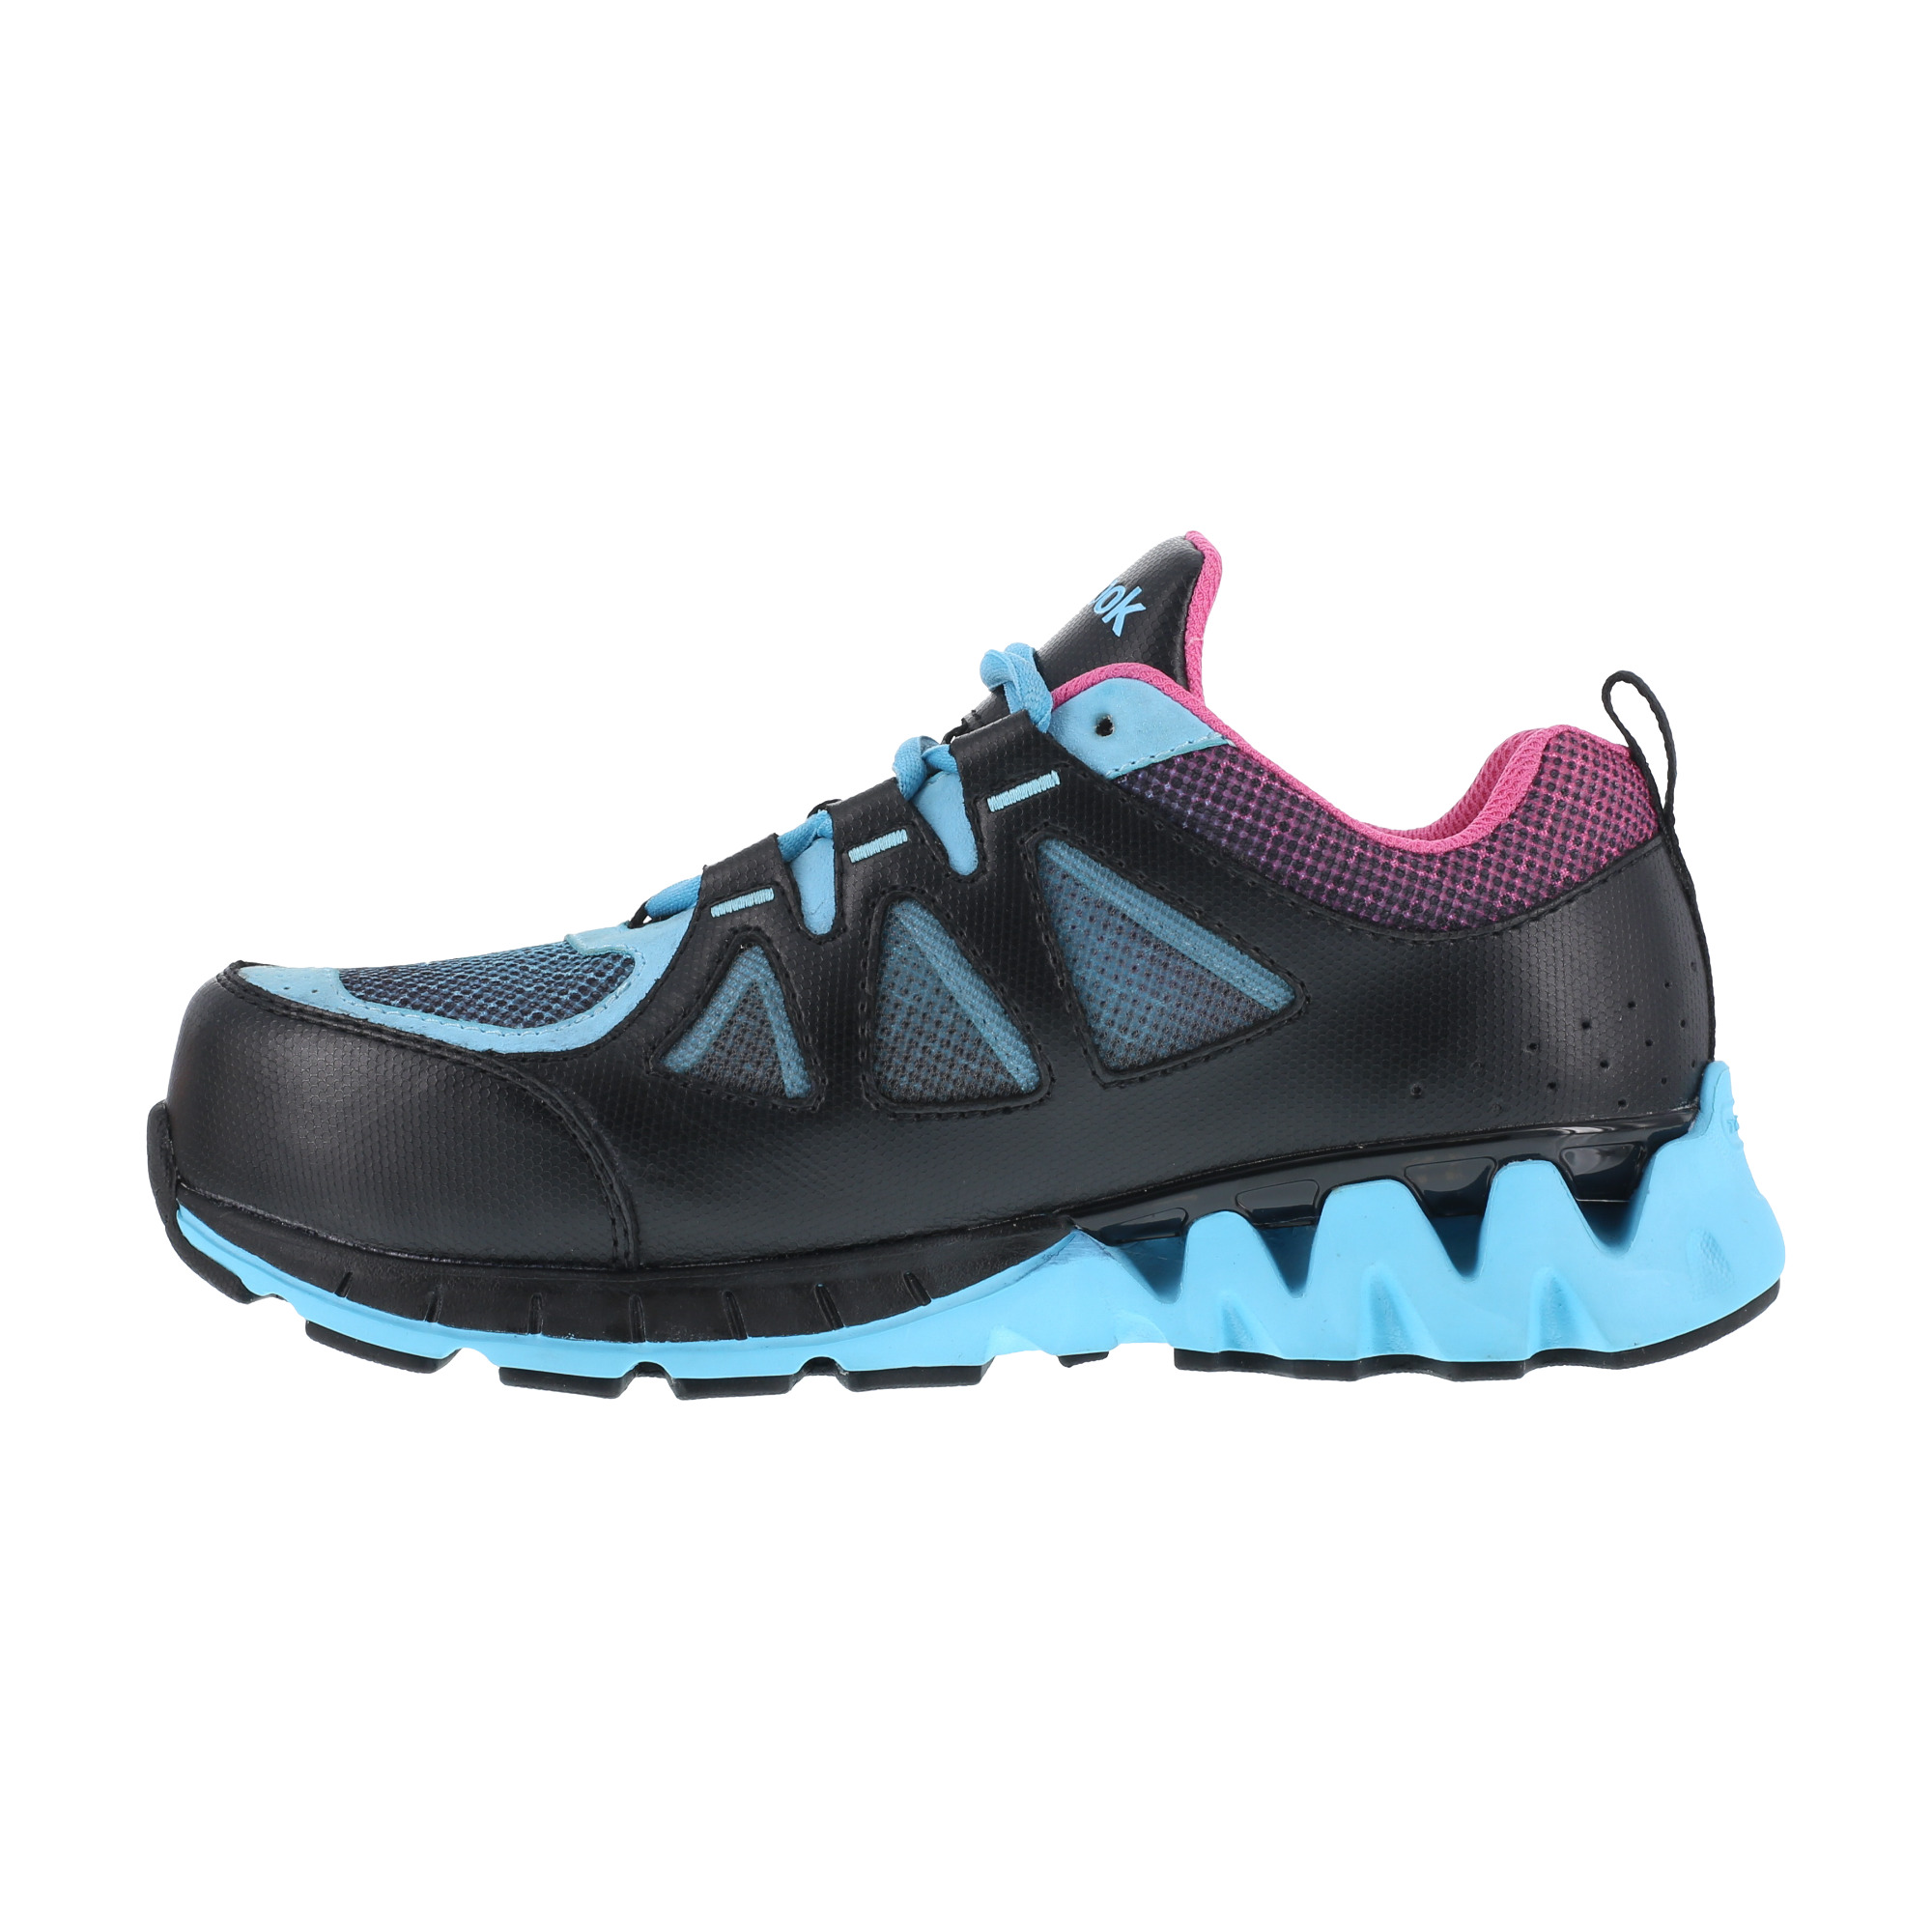 d43c099e3221d2 Reebok Women s ZigTech Athletic Shoe Extra Wide Comp Toe RB325 - 40% OFF